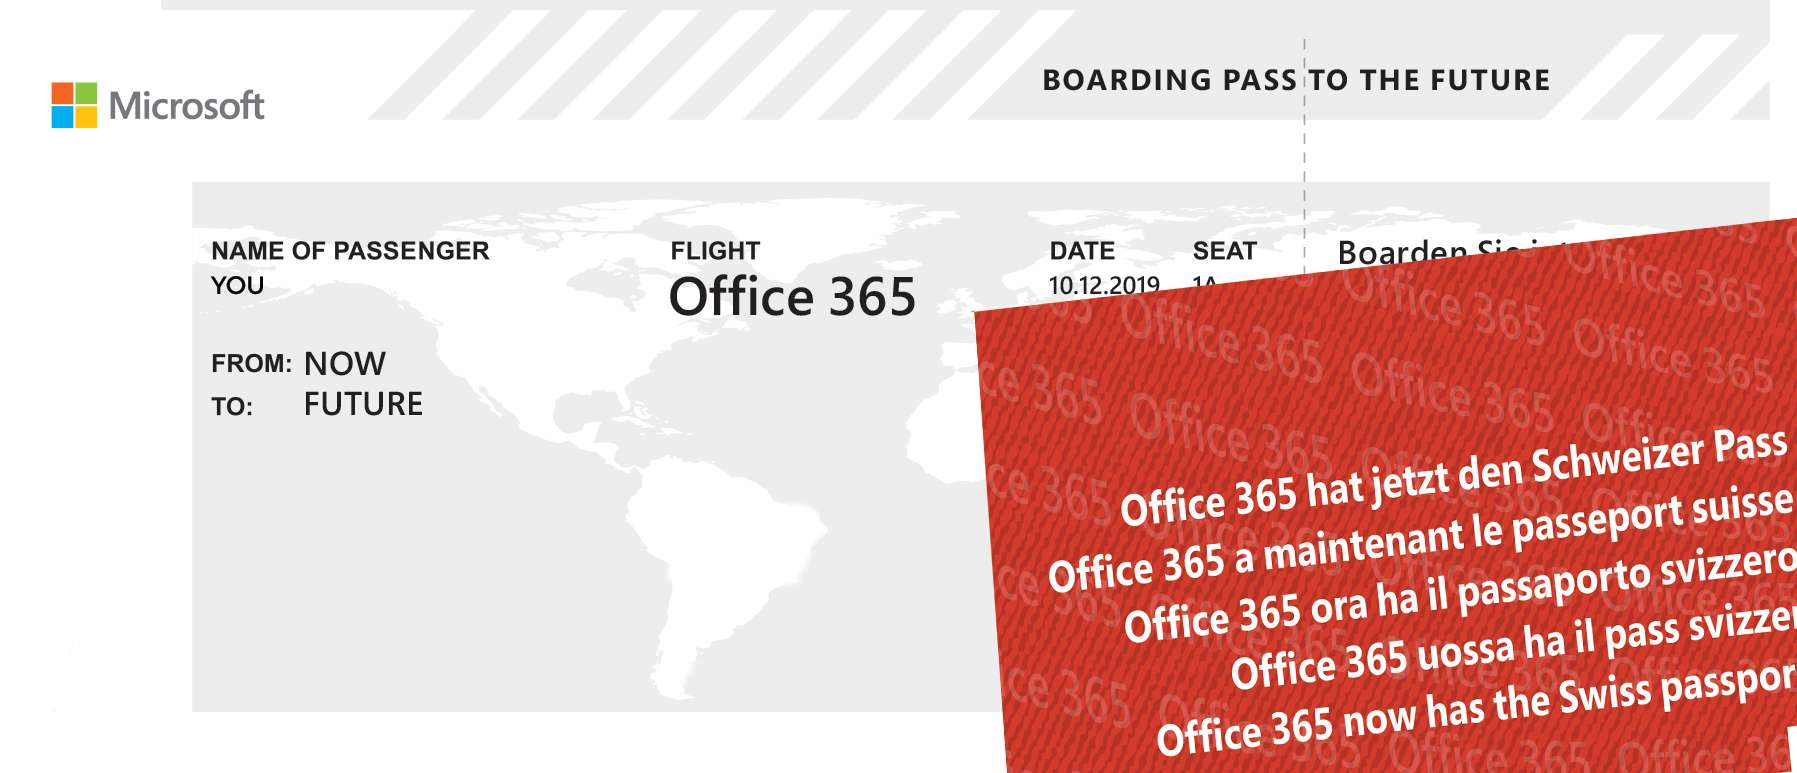 Office 365 en Suisse